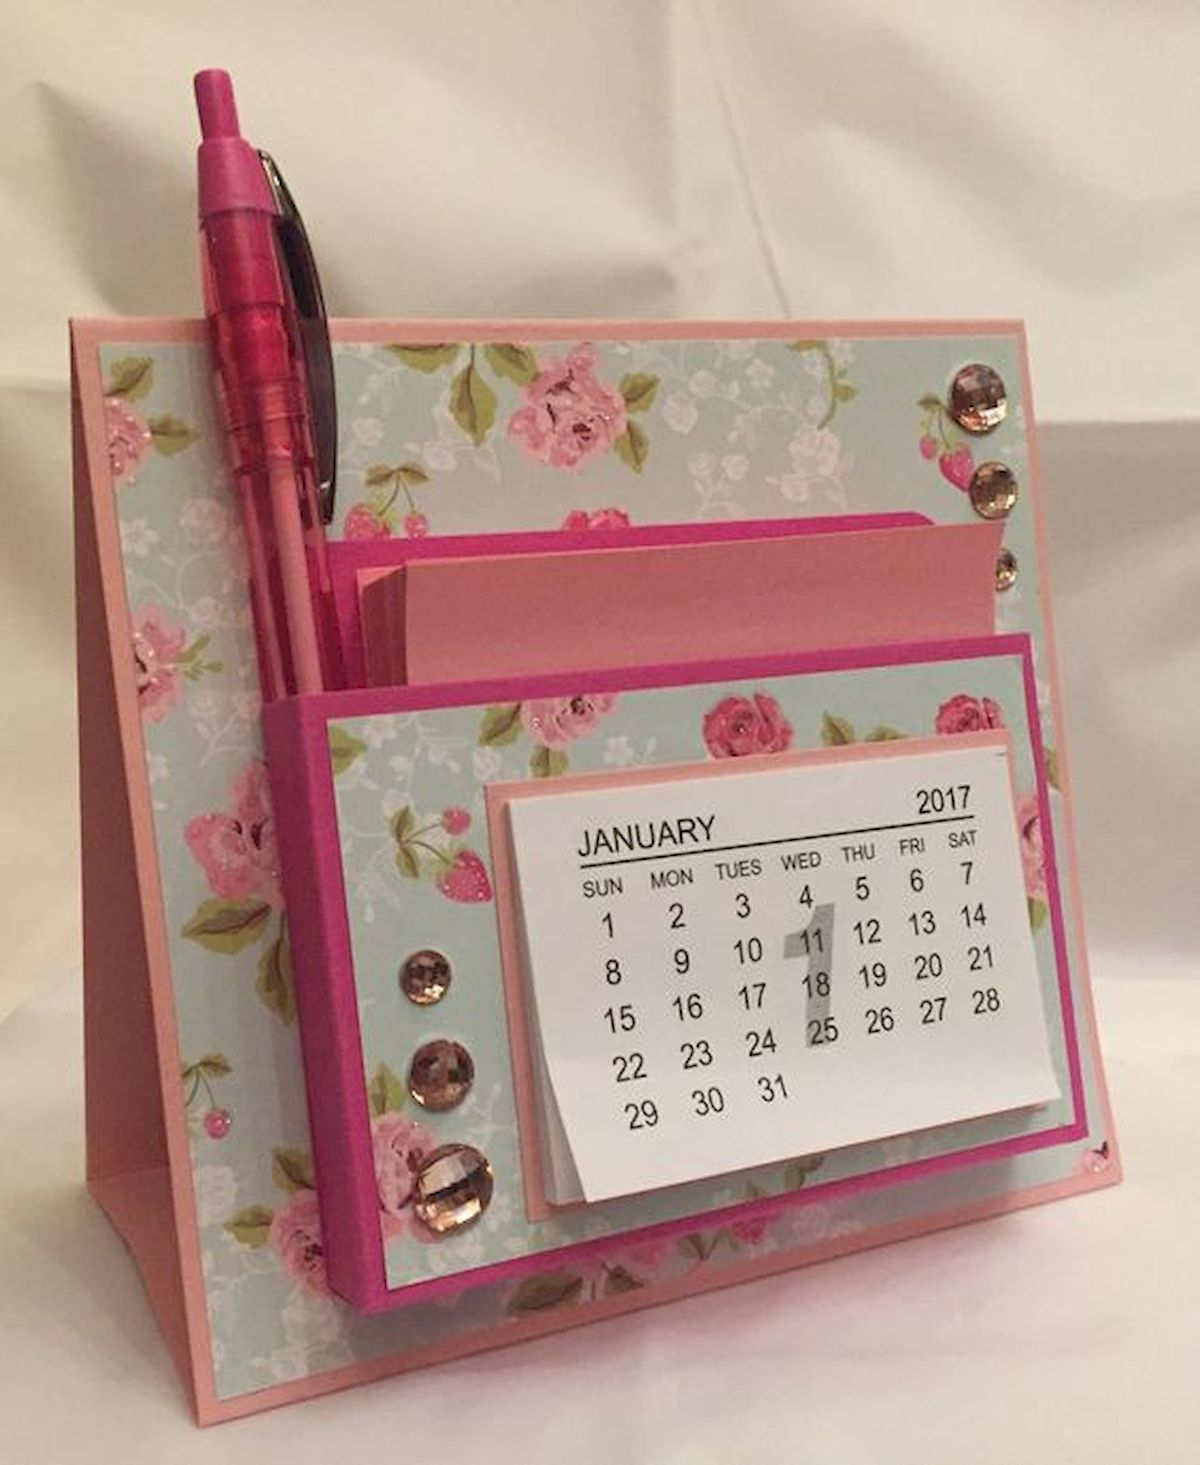 35 Gorgeous Diy Desk Calendar Ideas 1 In 2020 Diy Calendar